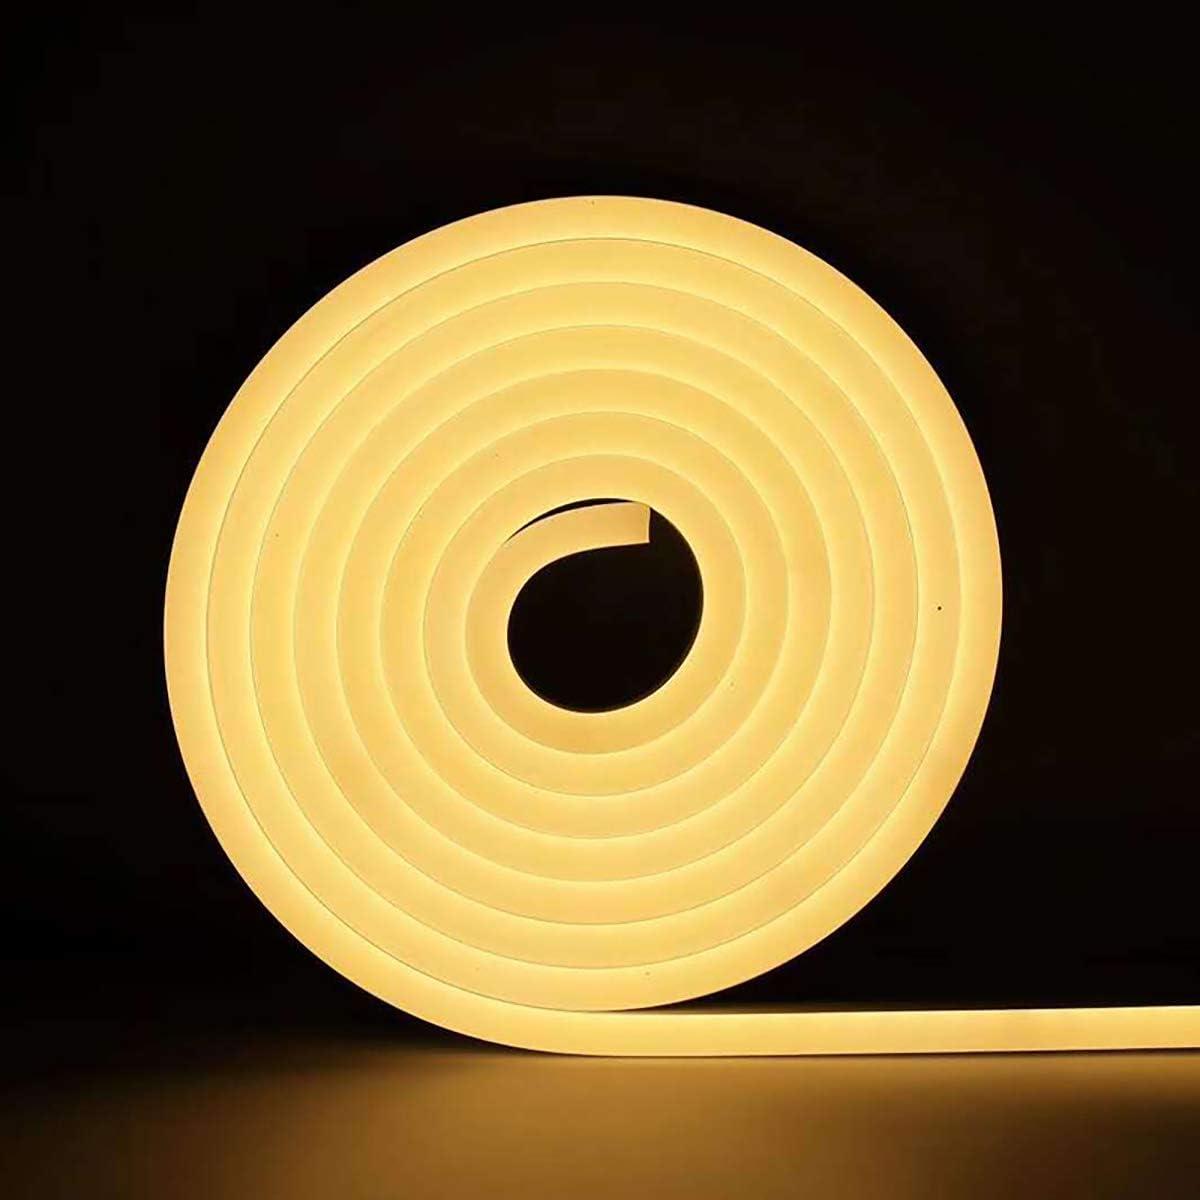 DDELLK Neon LED Strip LED Neonstreifen Licht Lichterschlauch Wire Neon Draht Leuchtkabel Lighting Weihnachten Licht Innen//Au/ßen f/ür Garten Dekoration